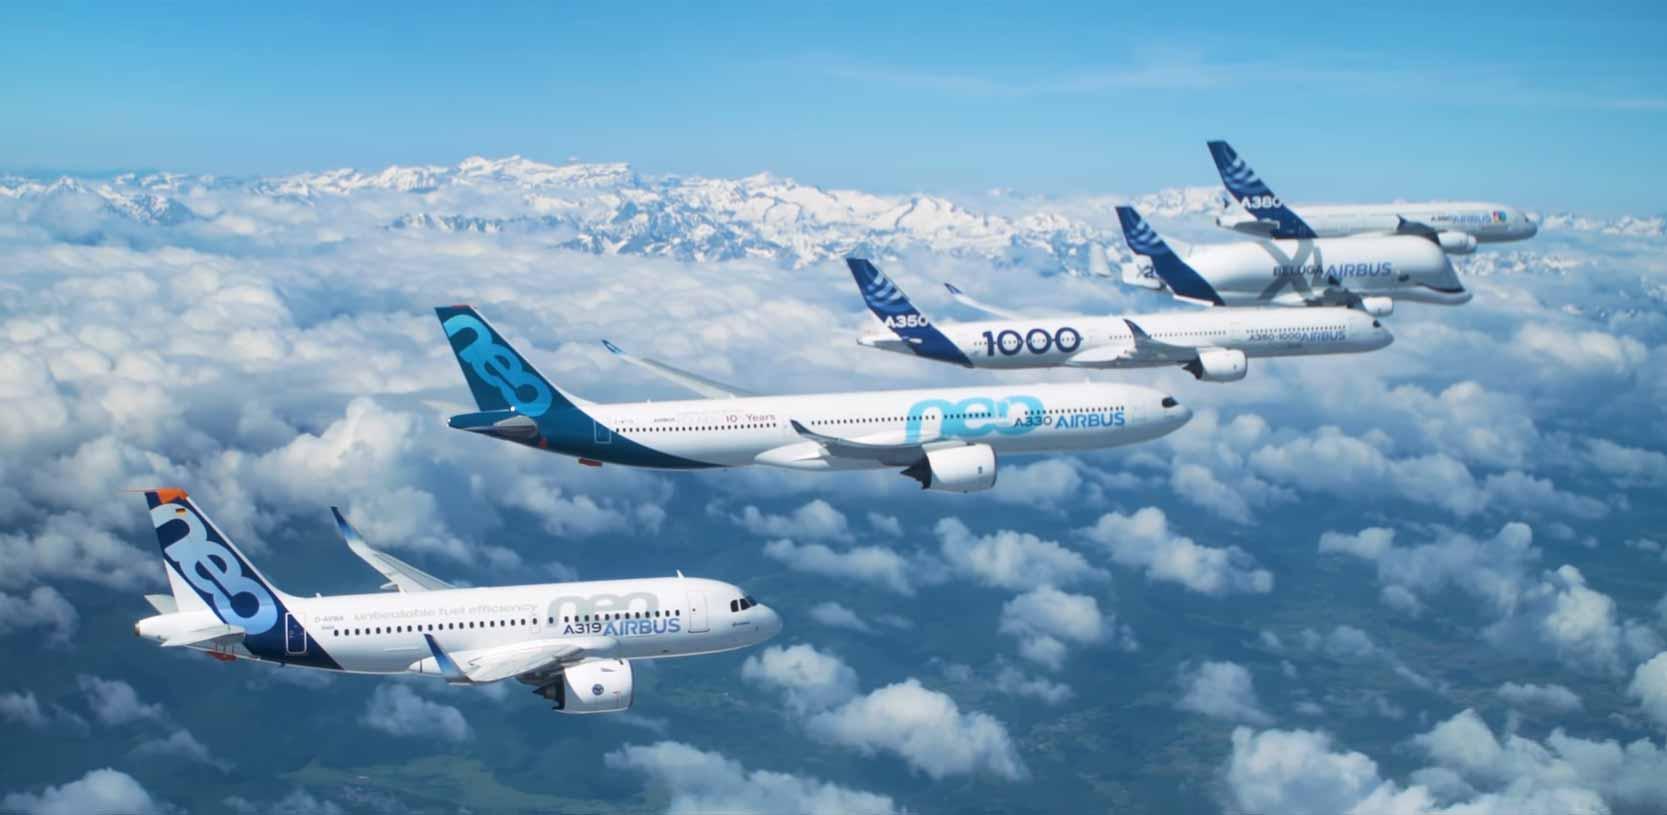 Resultado de imagen para Airbus fleet